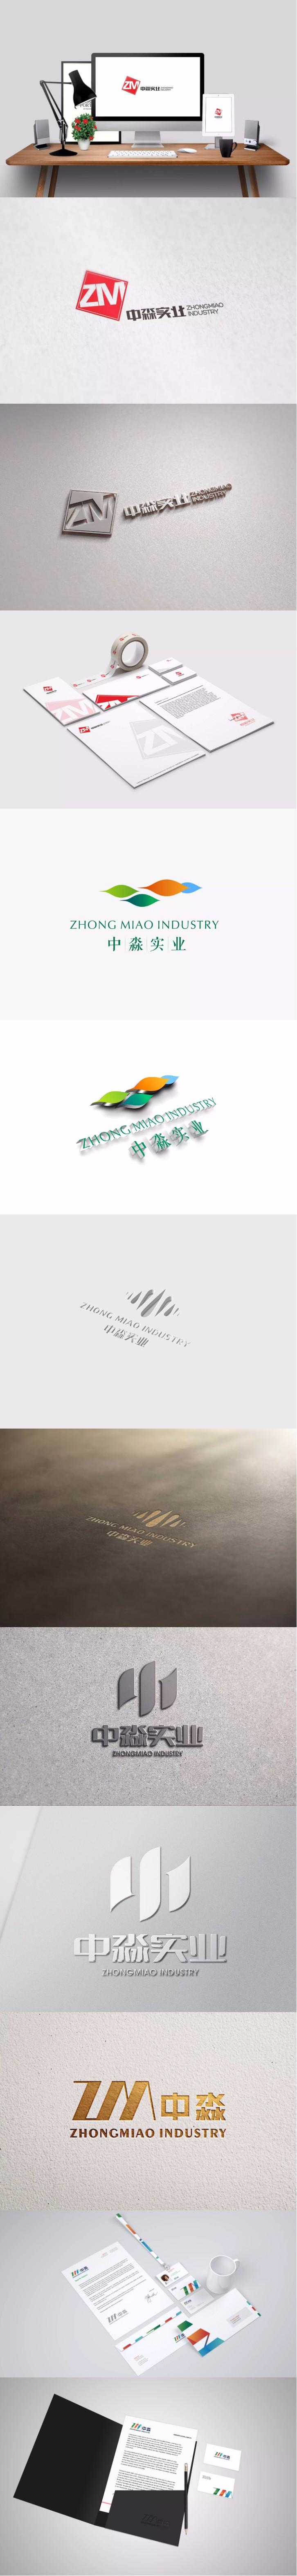 重庆中淼实业-山也设计 -猪八戒网.jpg